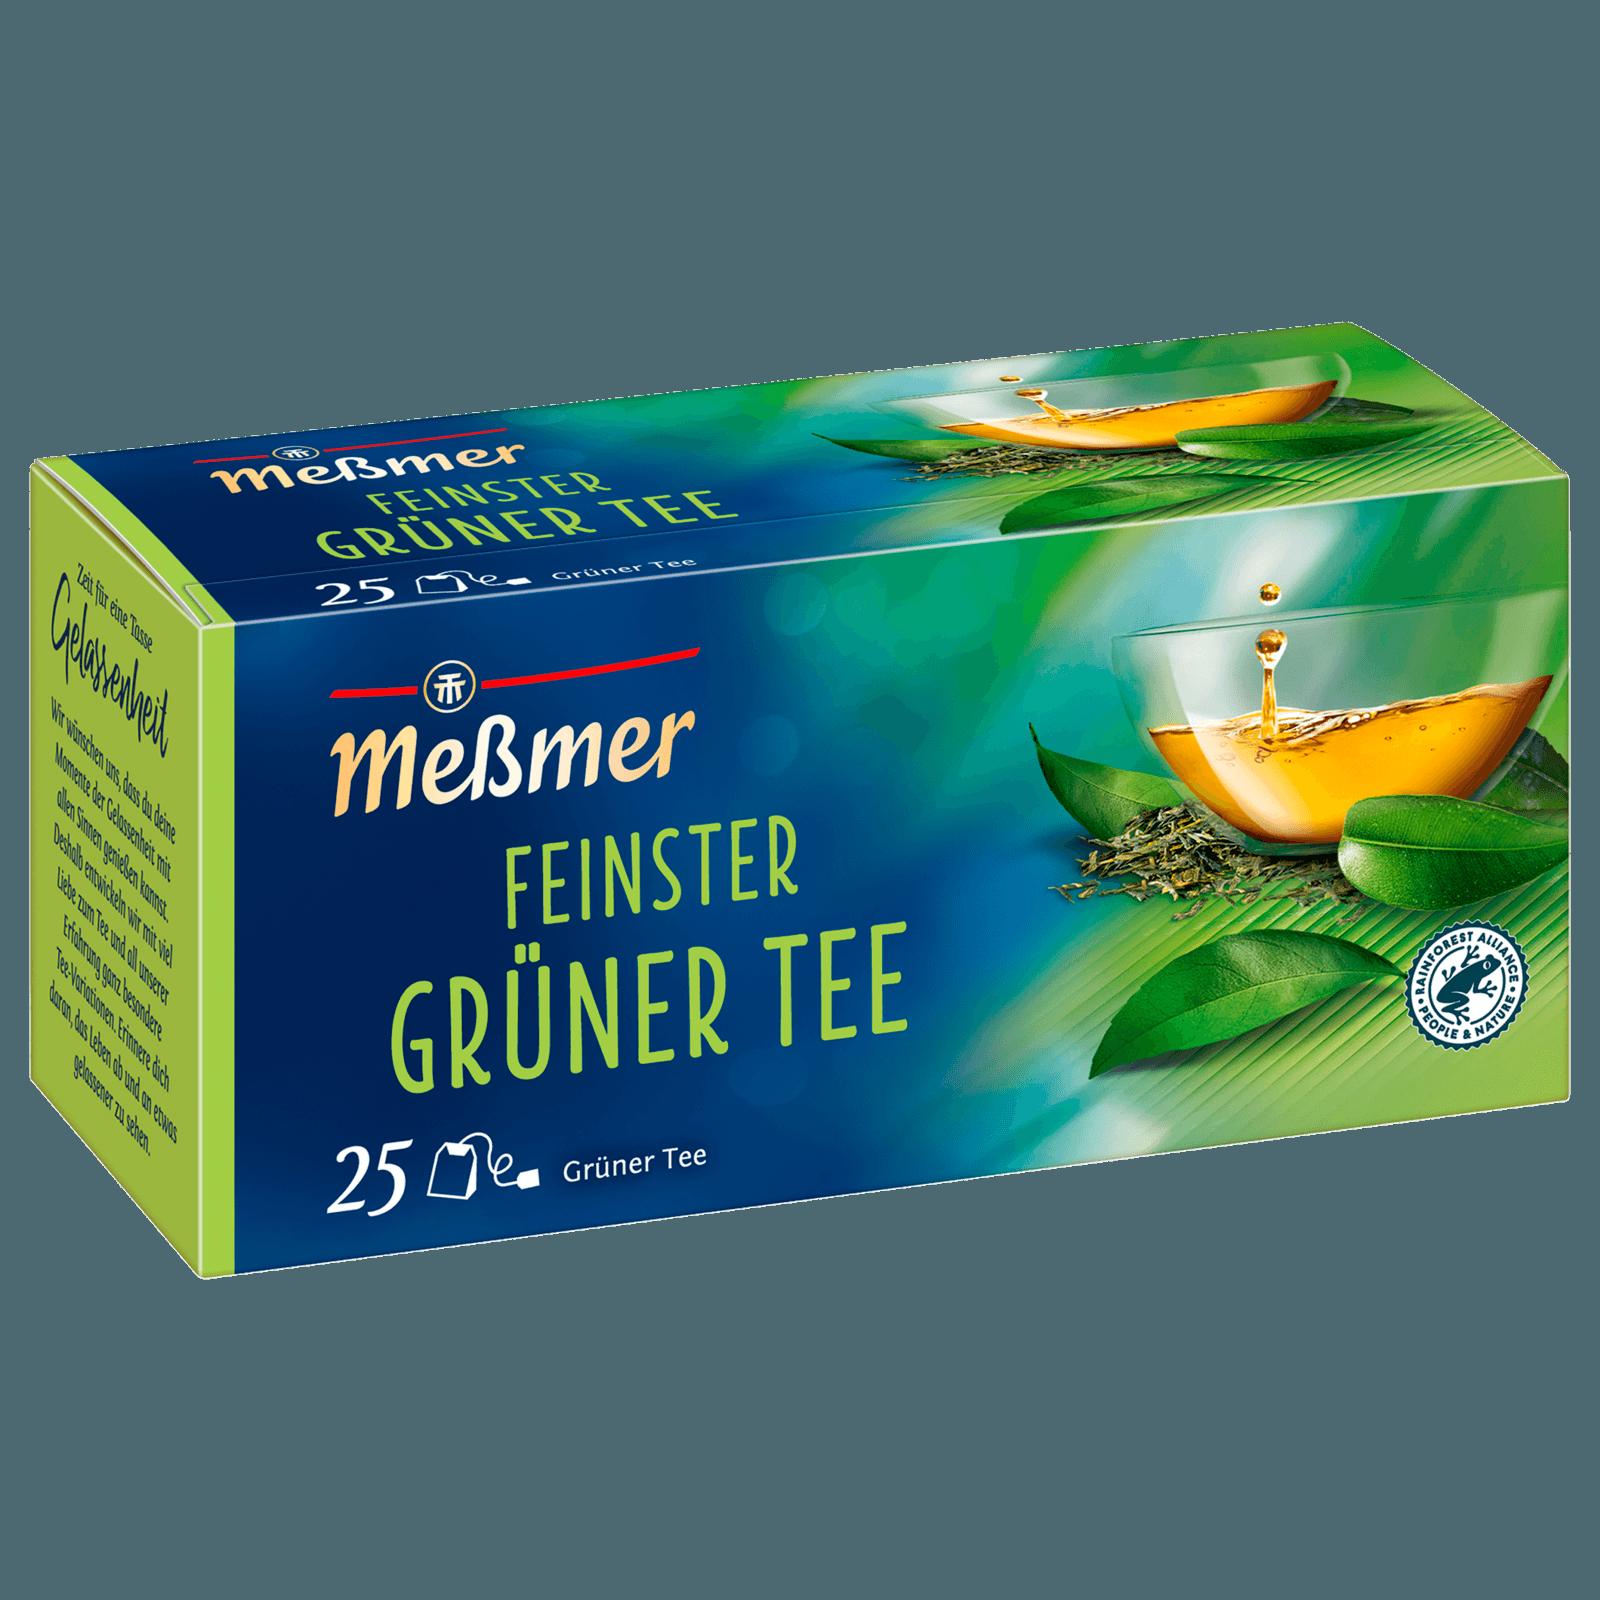 Grüner Tee zum Abnehmen, wie man Quinoa zubereitet